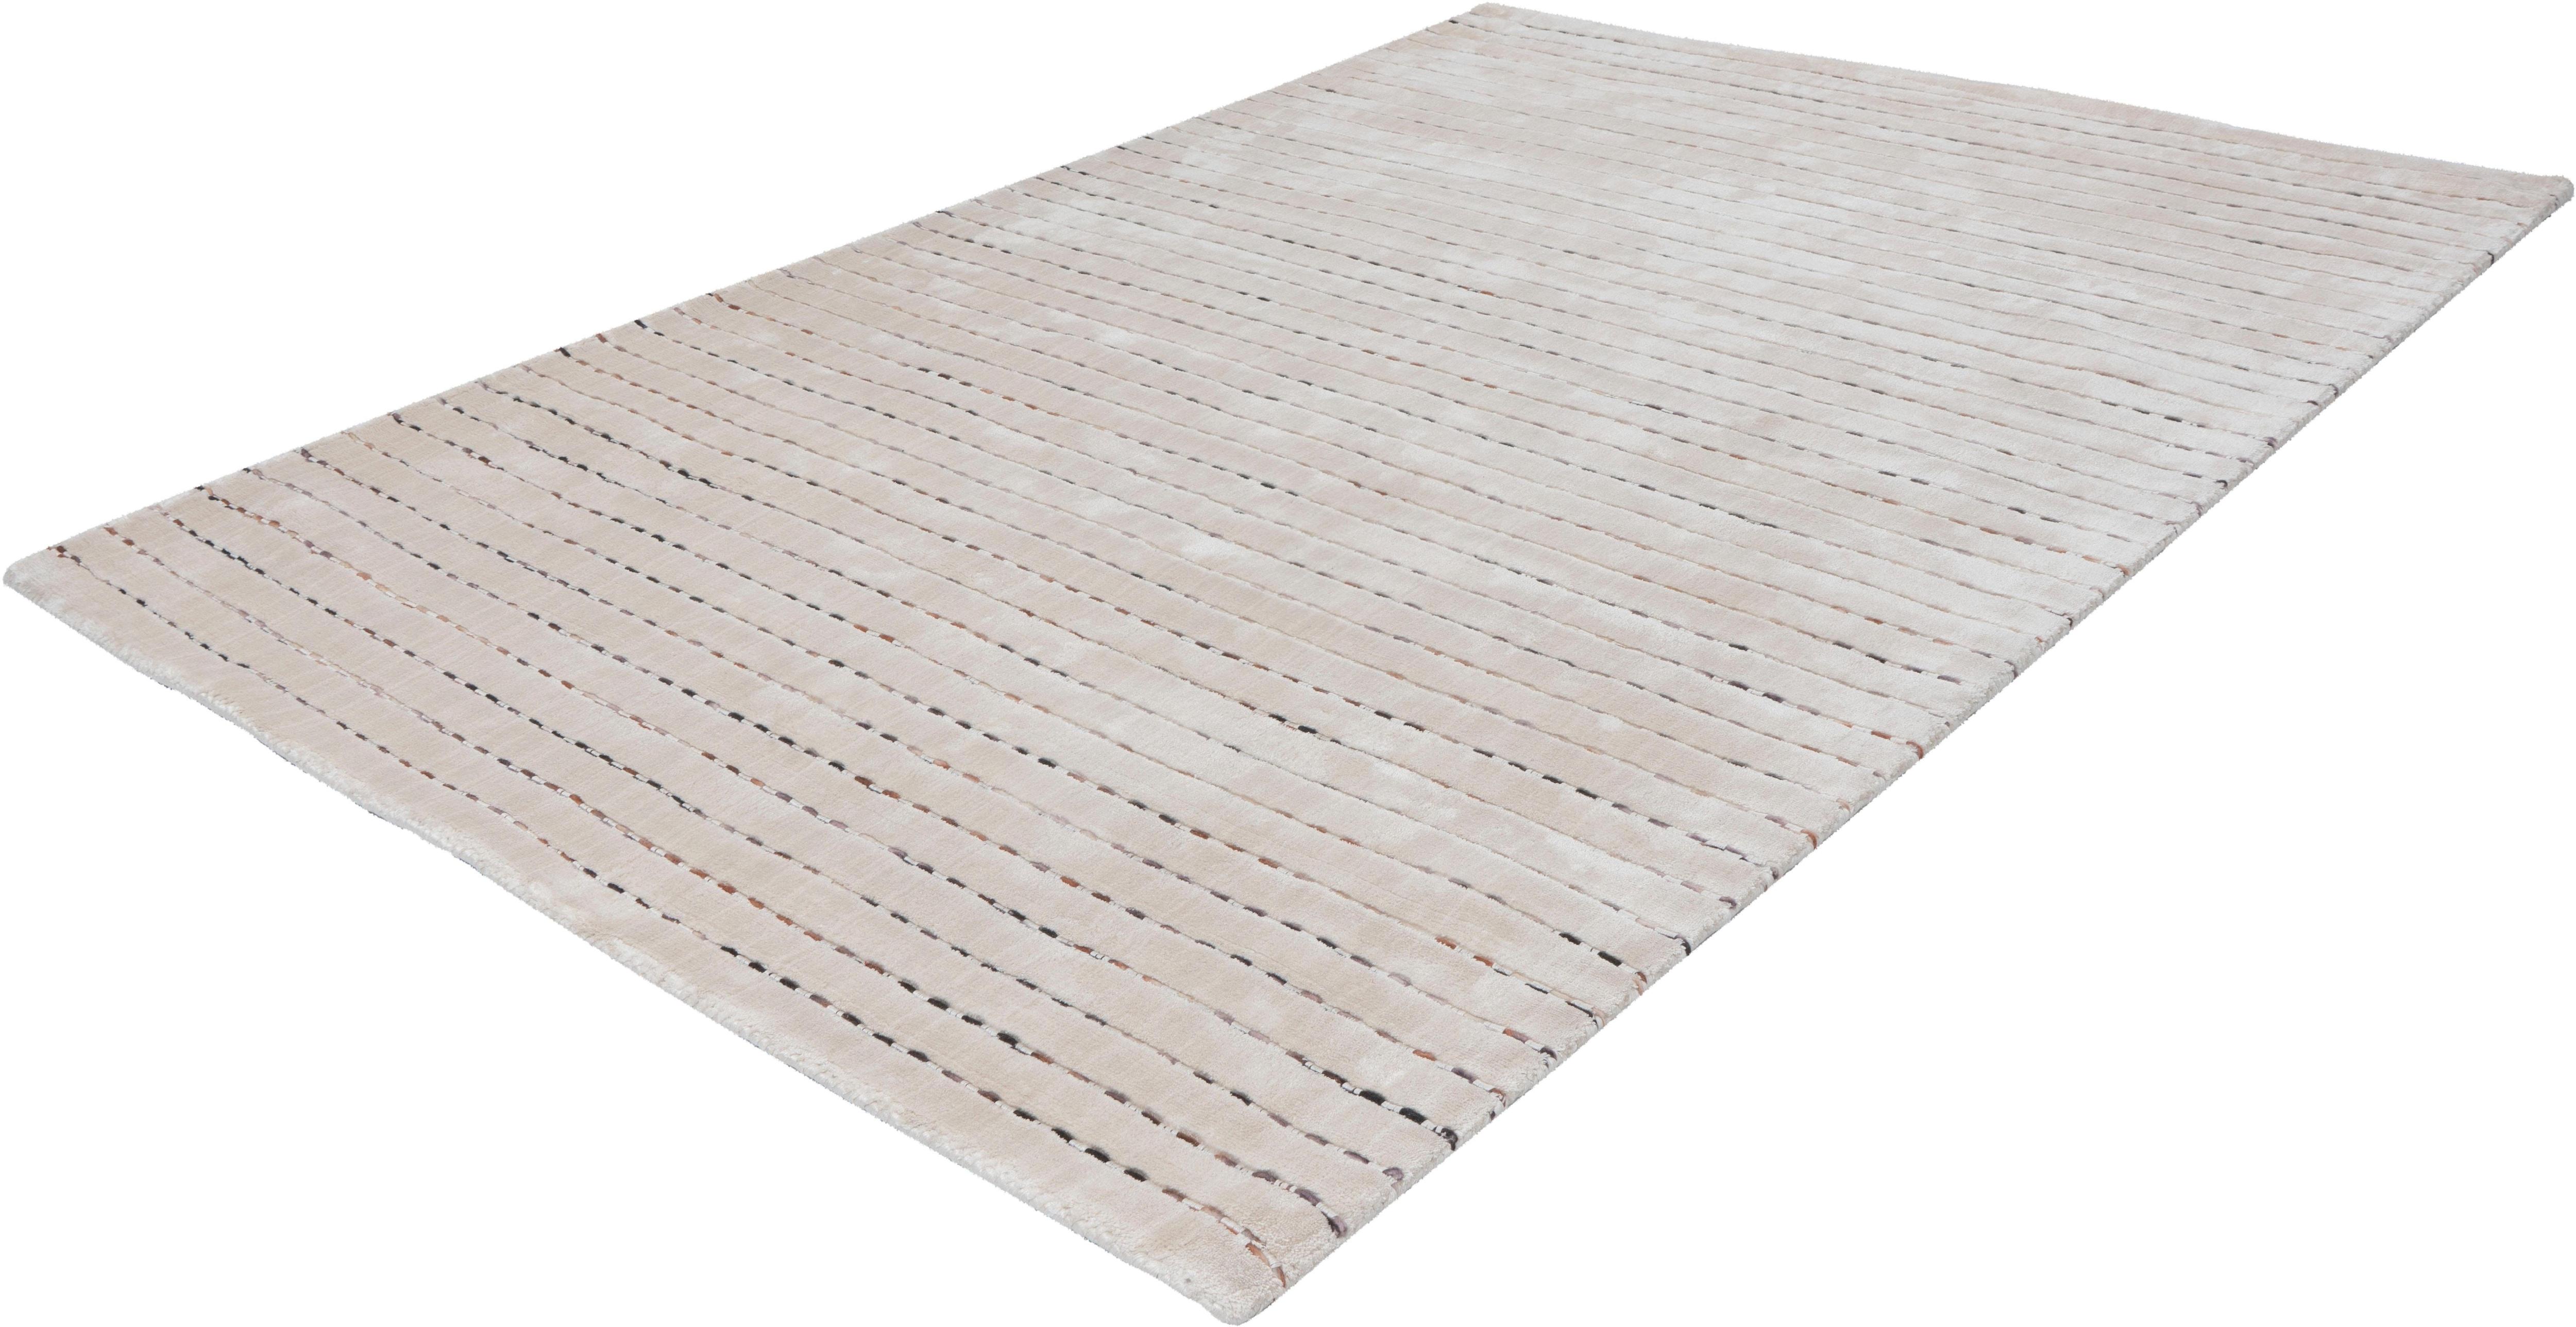 Teppich Scorpius 115 calo-deluxe rechteckig Höhe 12 mm handgewebt